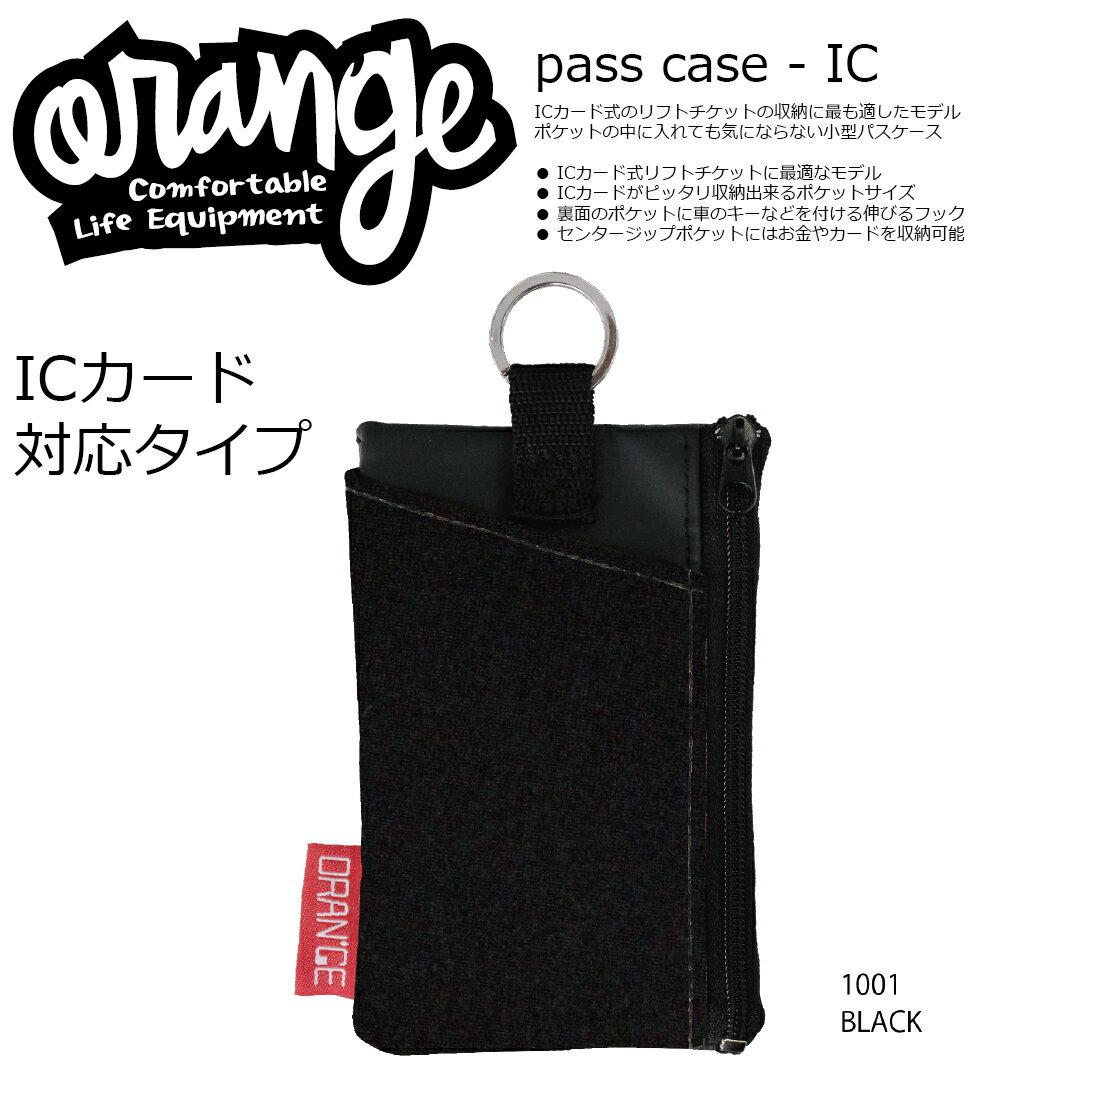 Oran'ge Pass-Case IC リング付 1001 BLACK オレンジ パスケース アイシー 収納ポケット付 2017 2017-18